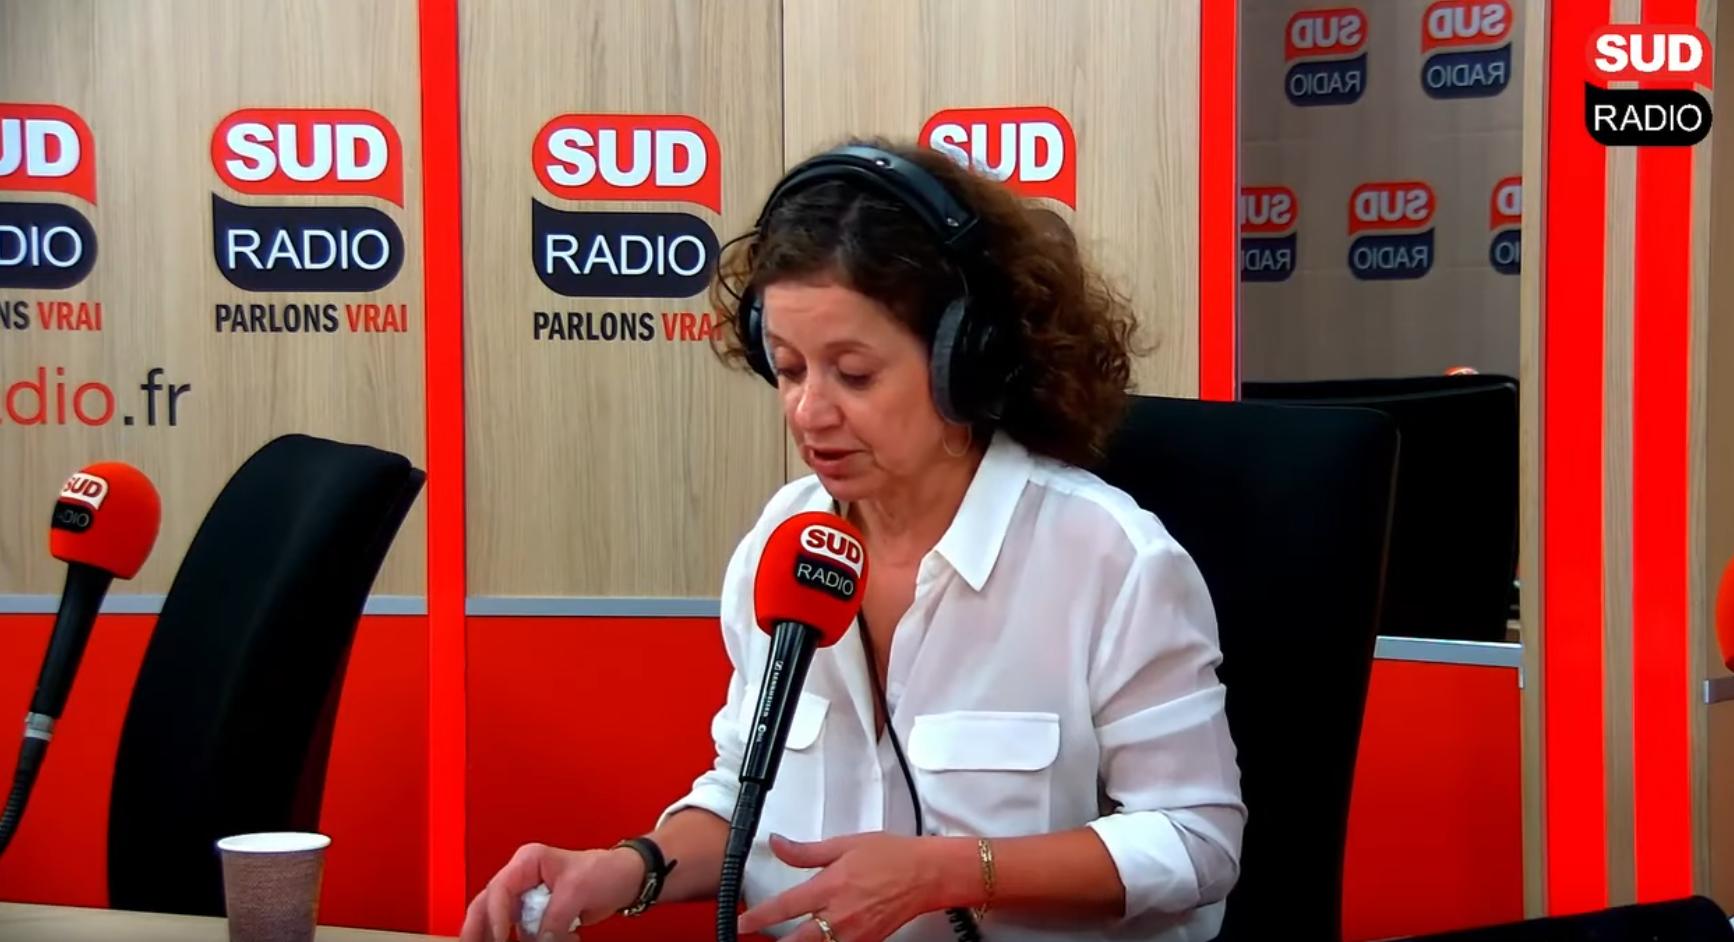 """Élisabeth Lévy : """"Chez nous, la victime a toujours raison"""" (VIDÉO)"""